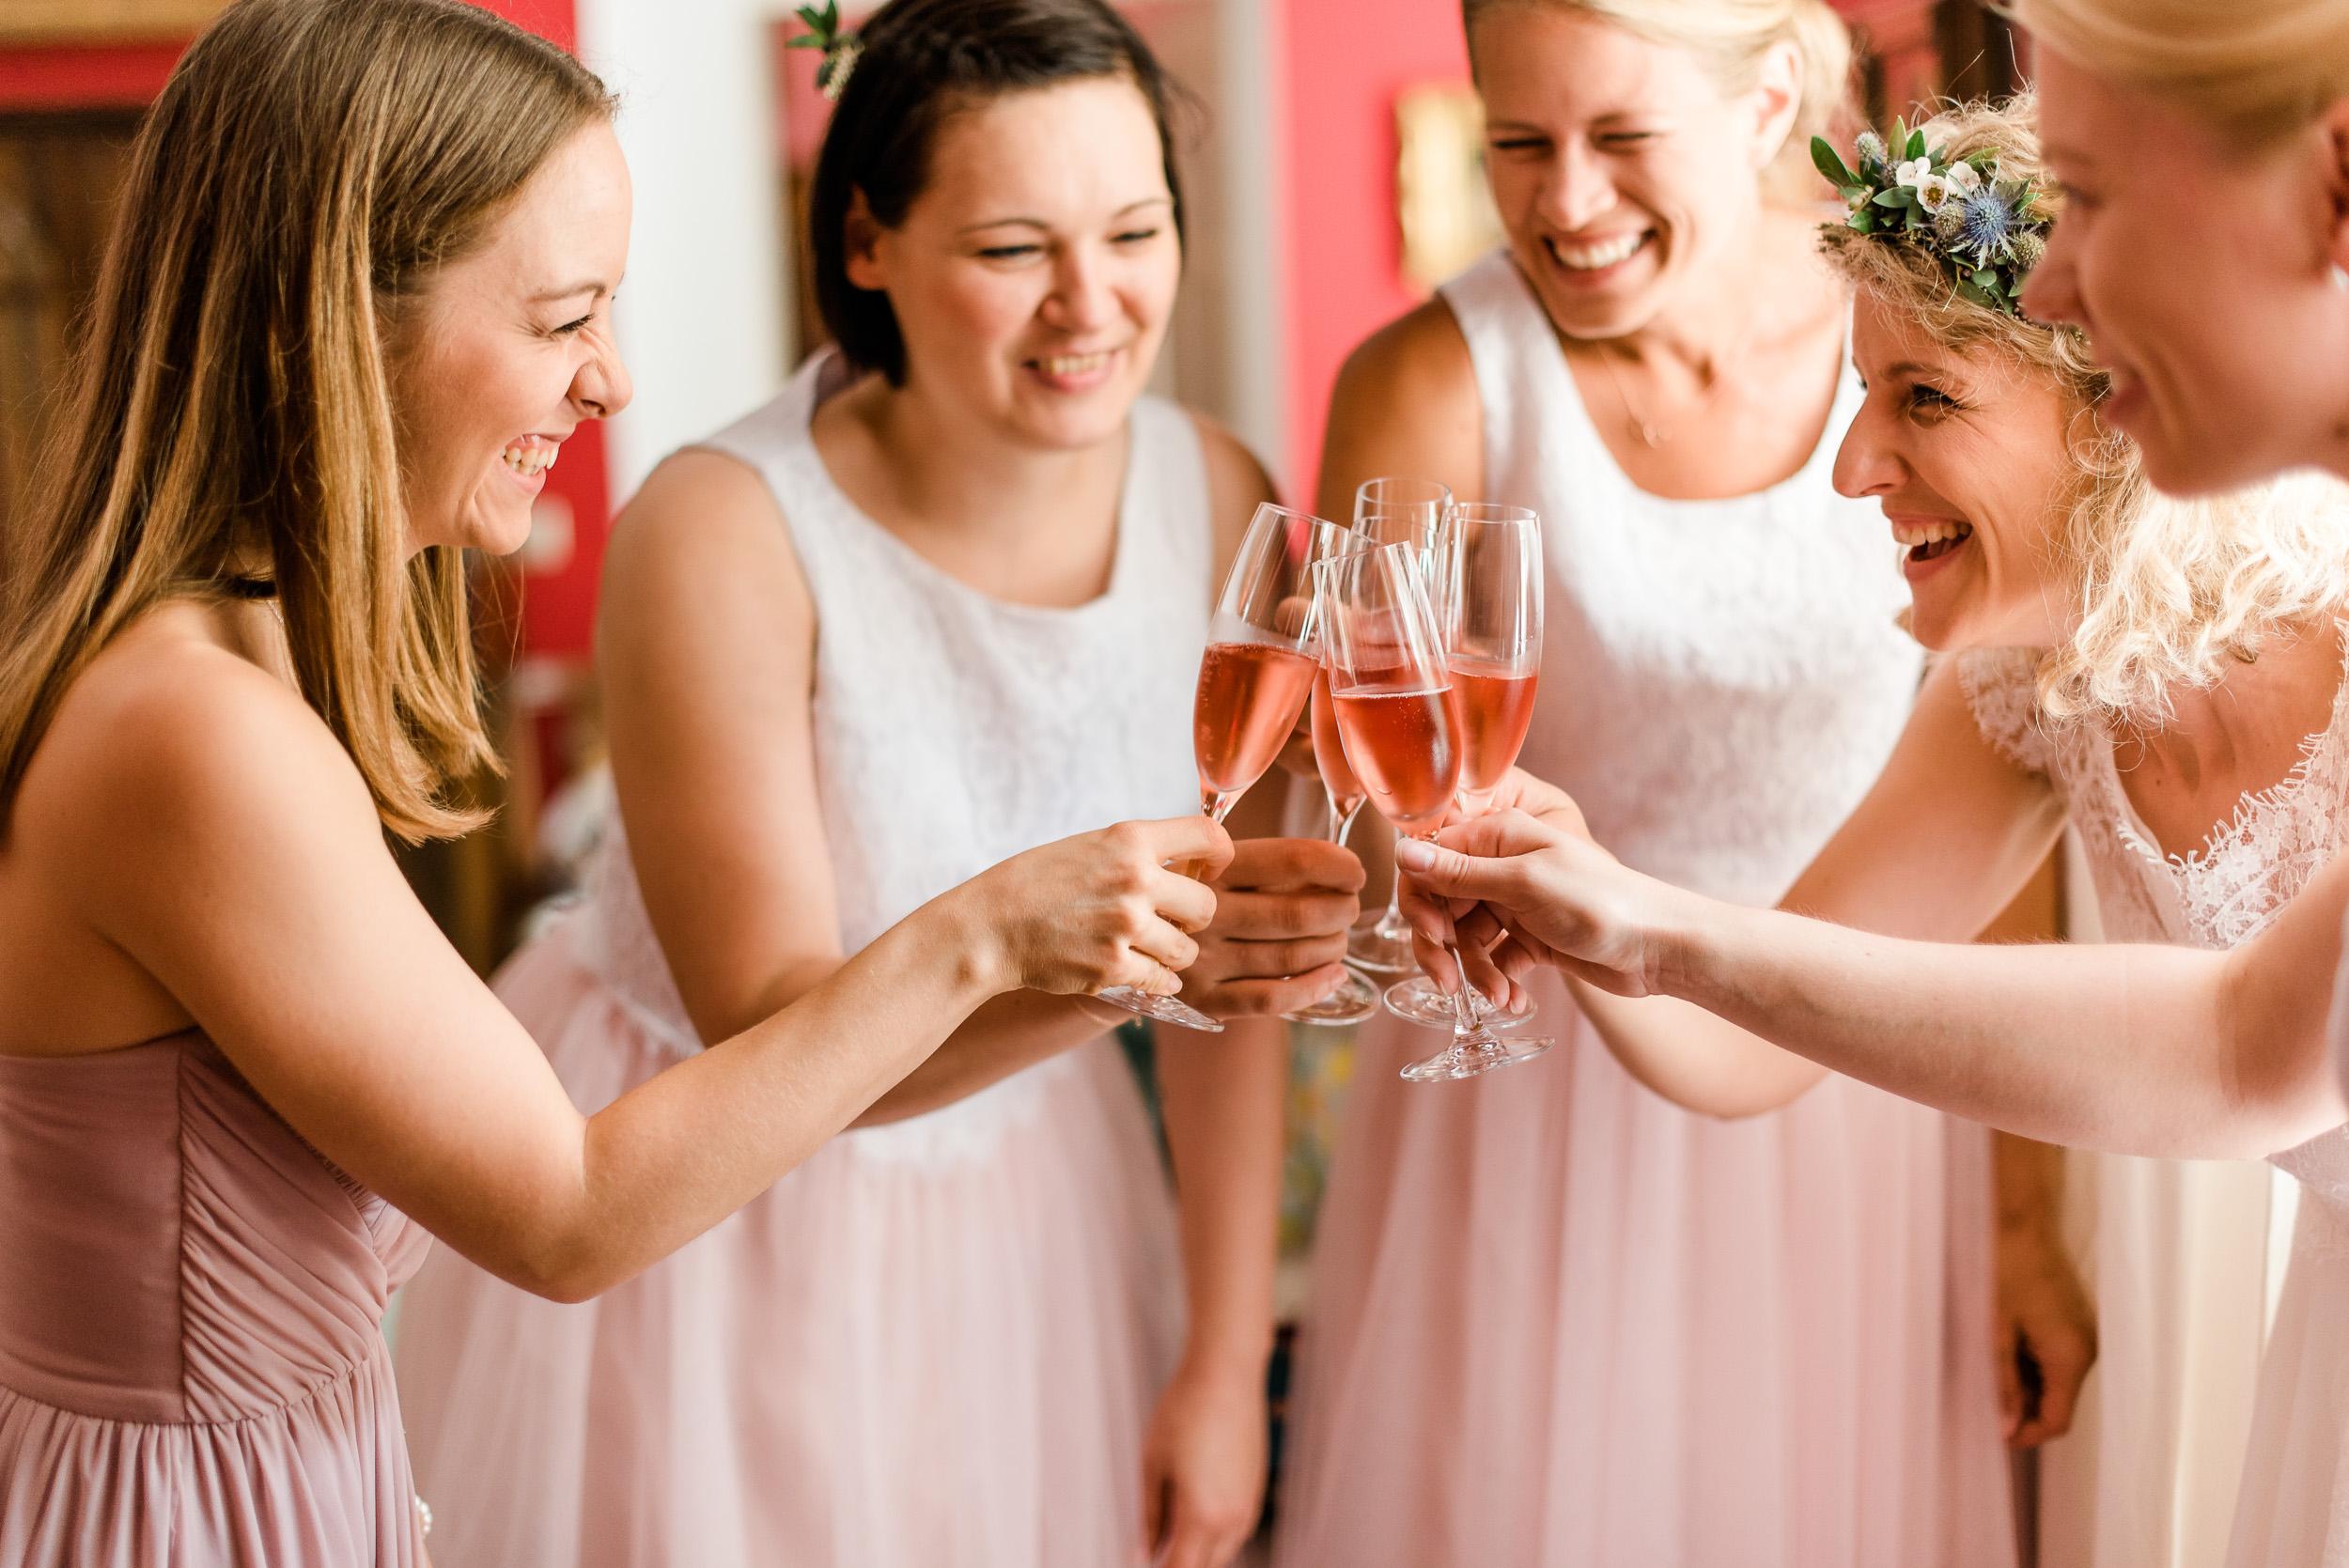 rosemarrylemon_Hochzeit_ES_Hochzeitsplanung26.jpg